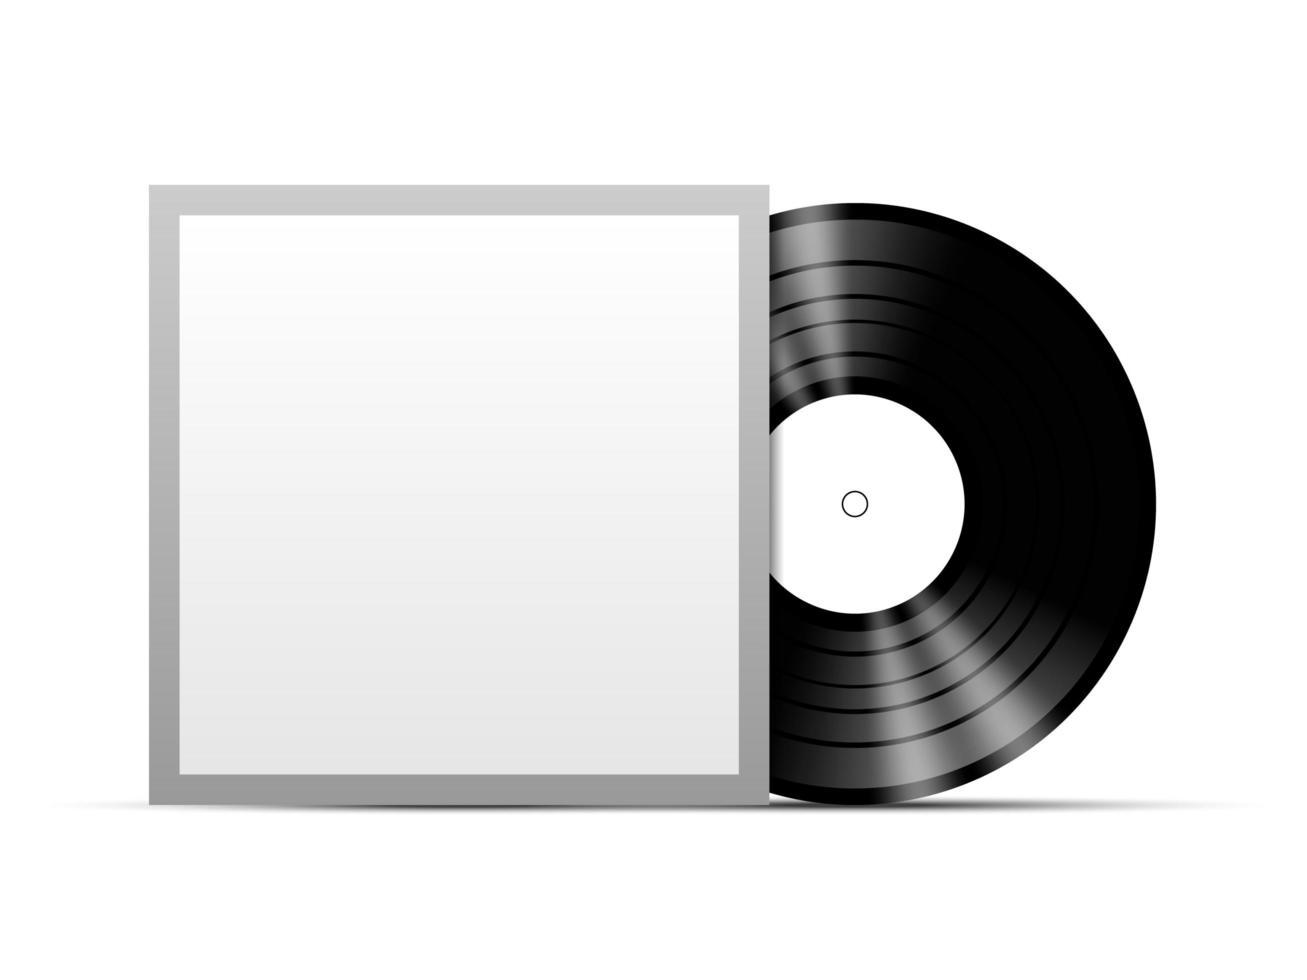 vinyl schijf met blanco omslag vector